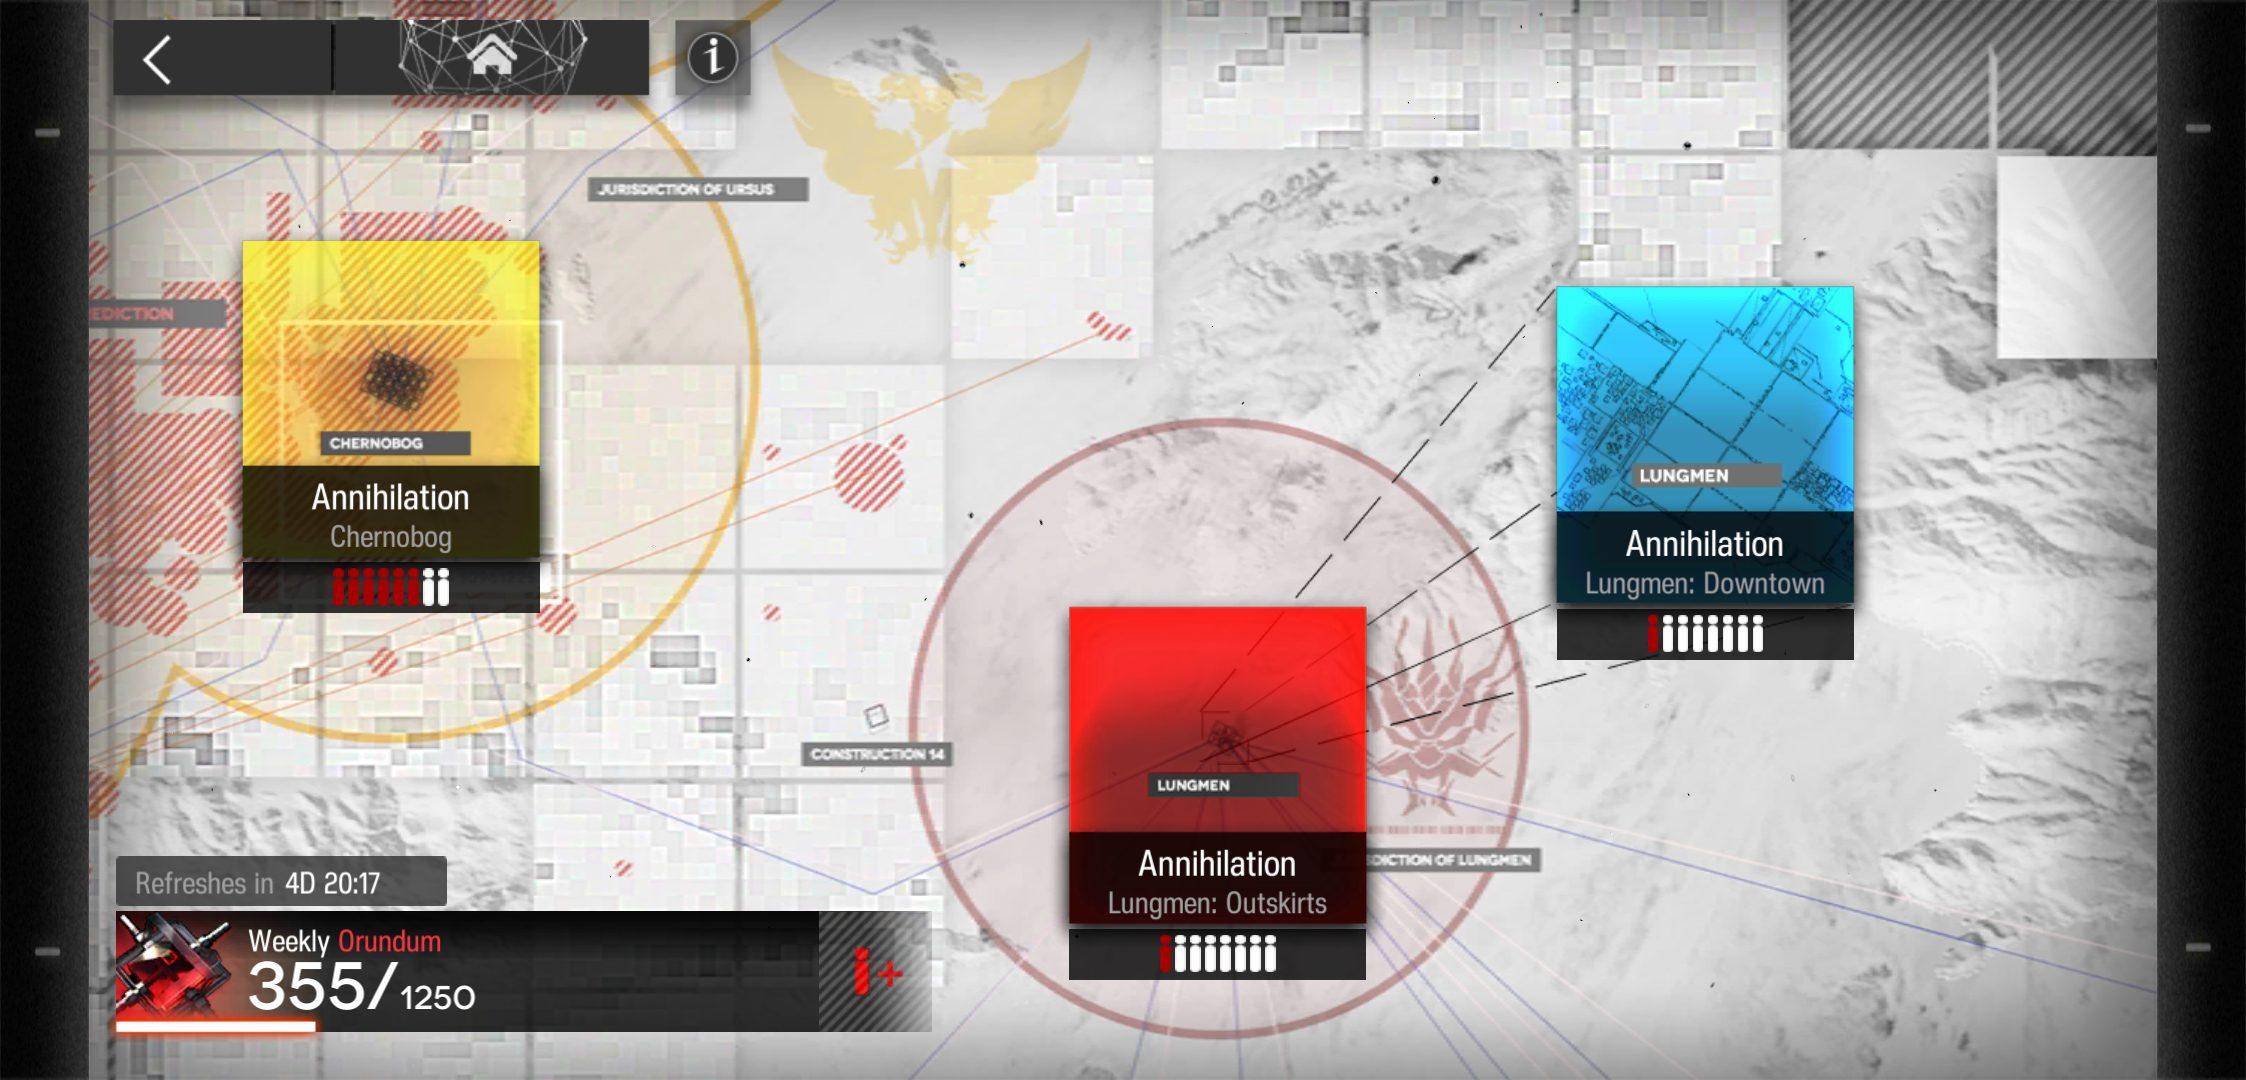 Mode Annihilation